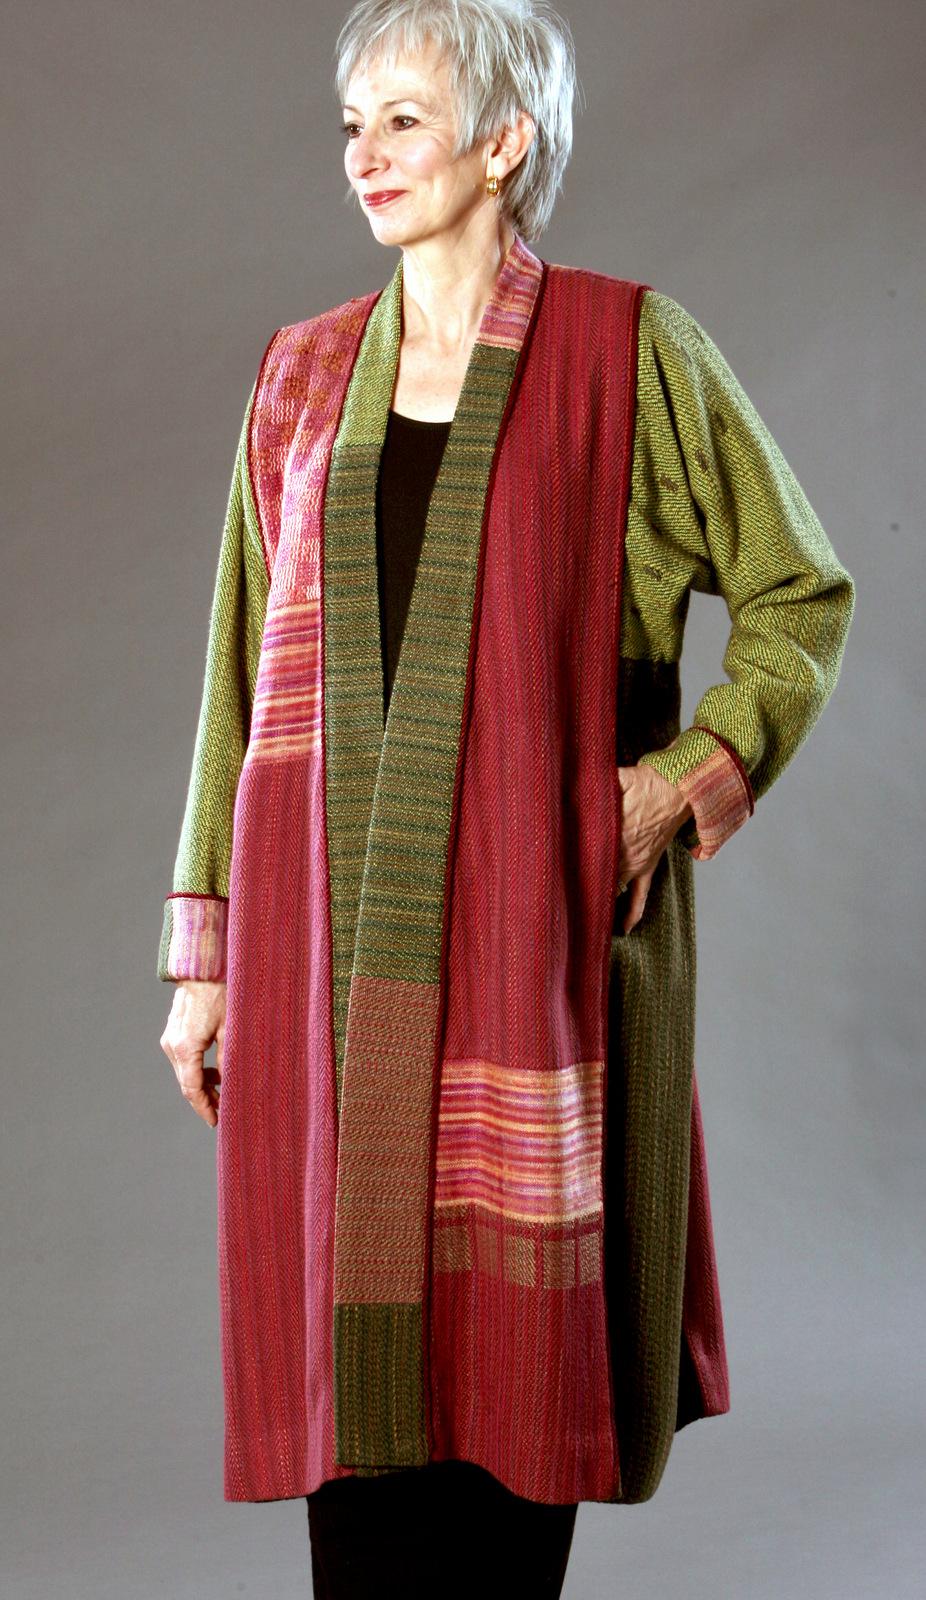 Liz Spear Handwoven, Wearable Art, Art-To-Wear-034.jpg